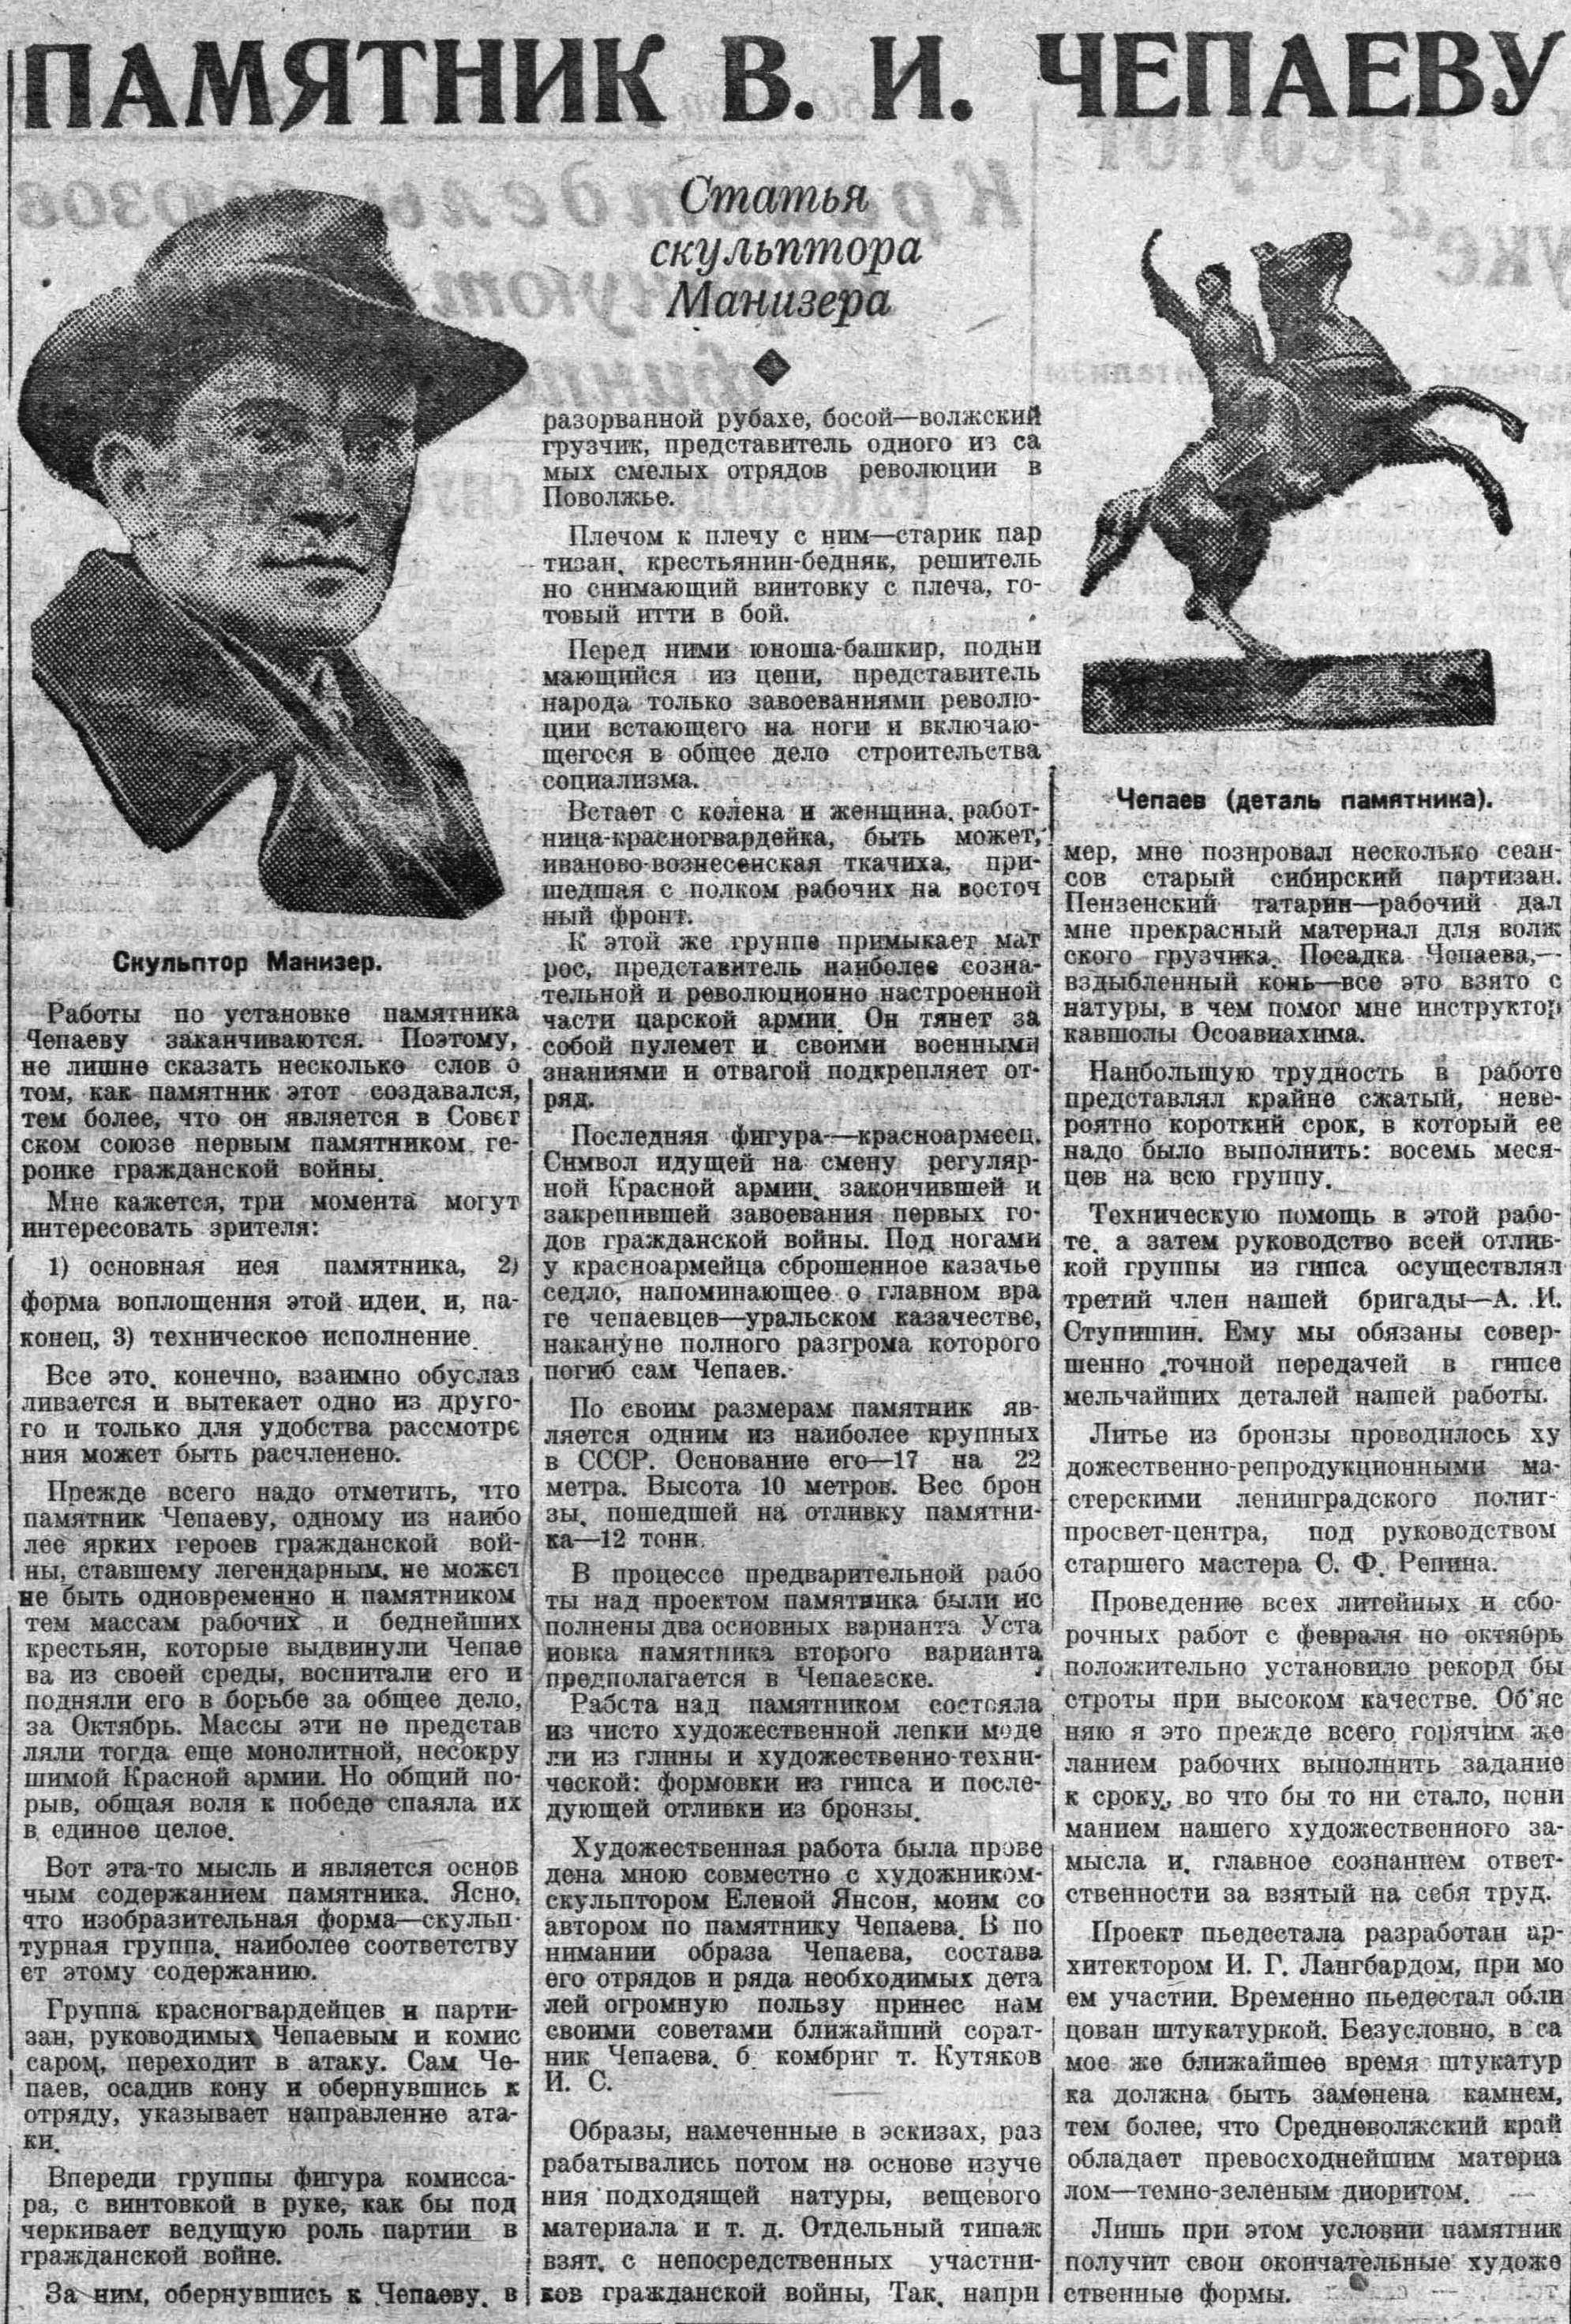 ВКа-1932-11-02-о памятнике Чапаеву